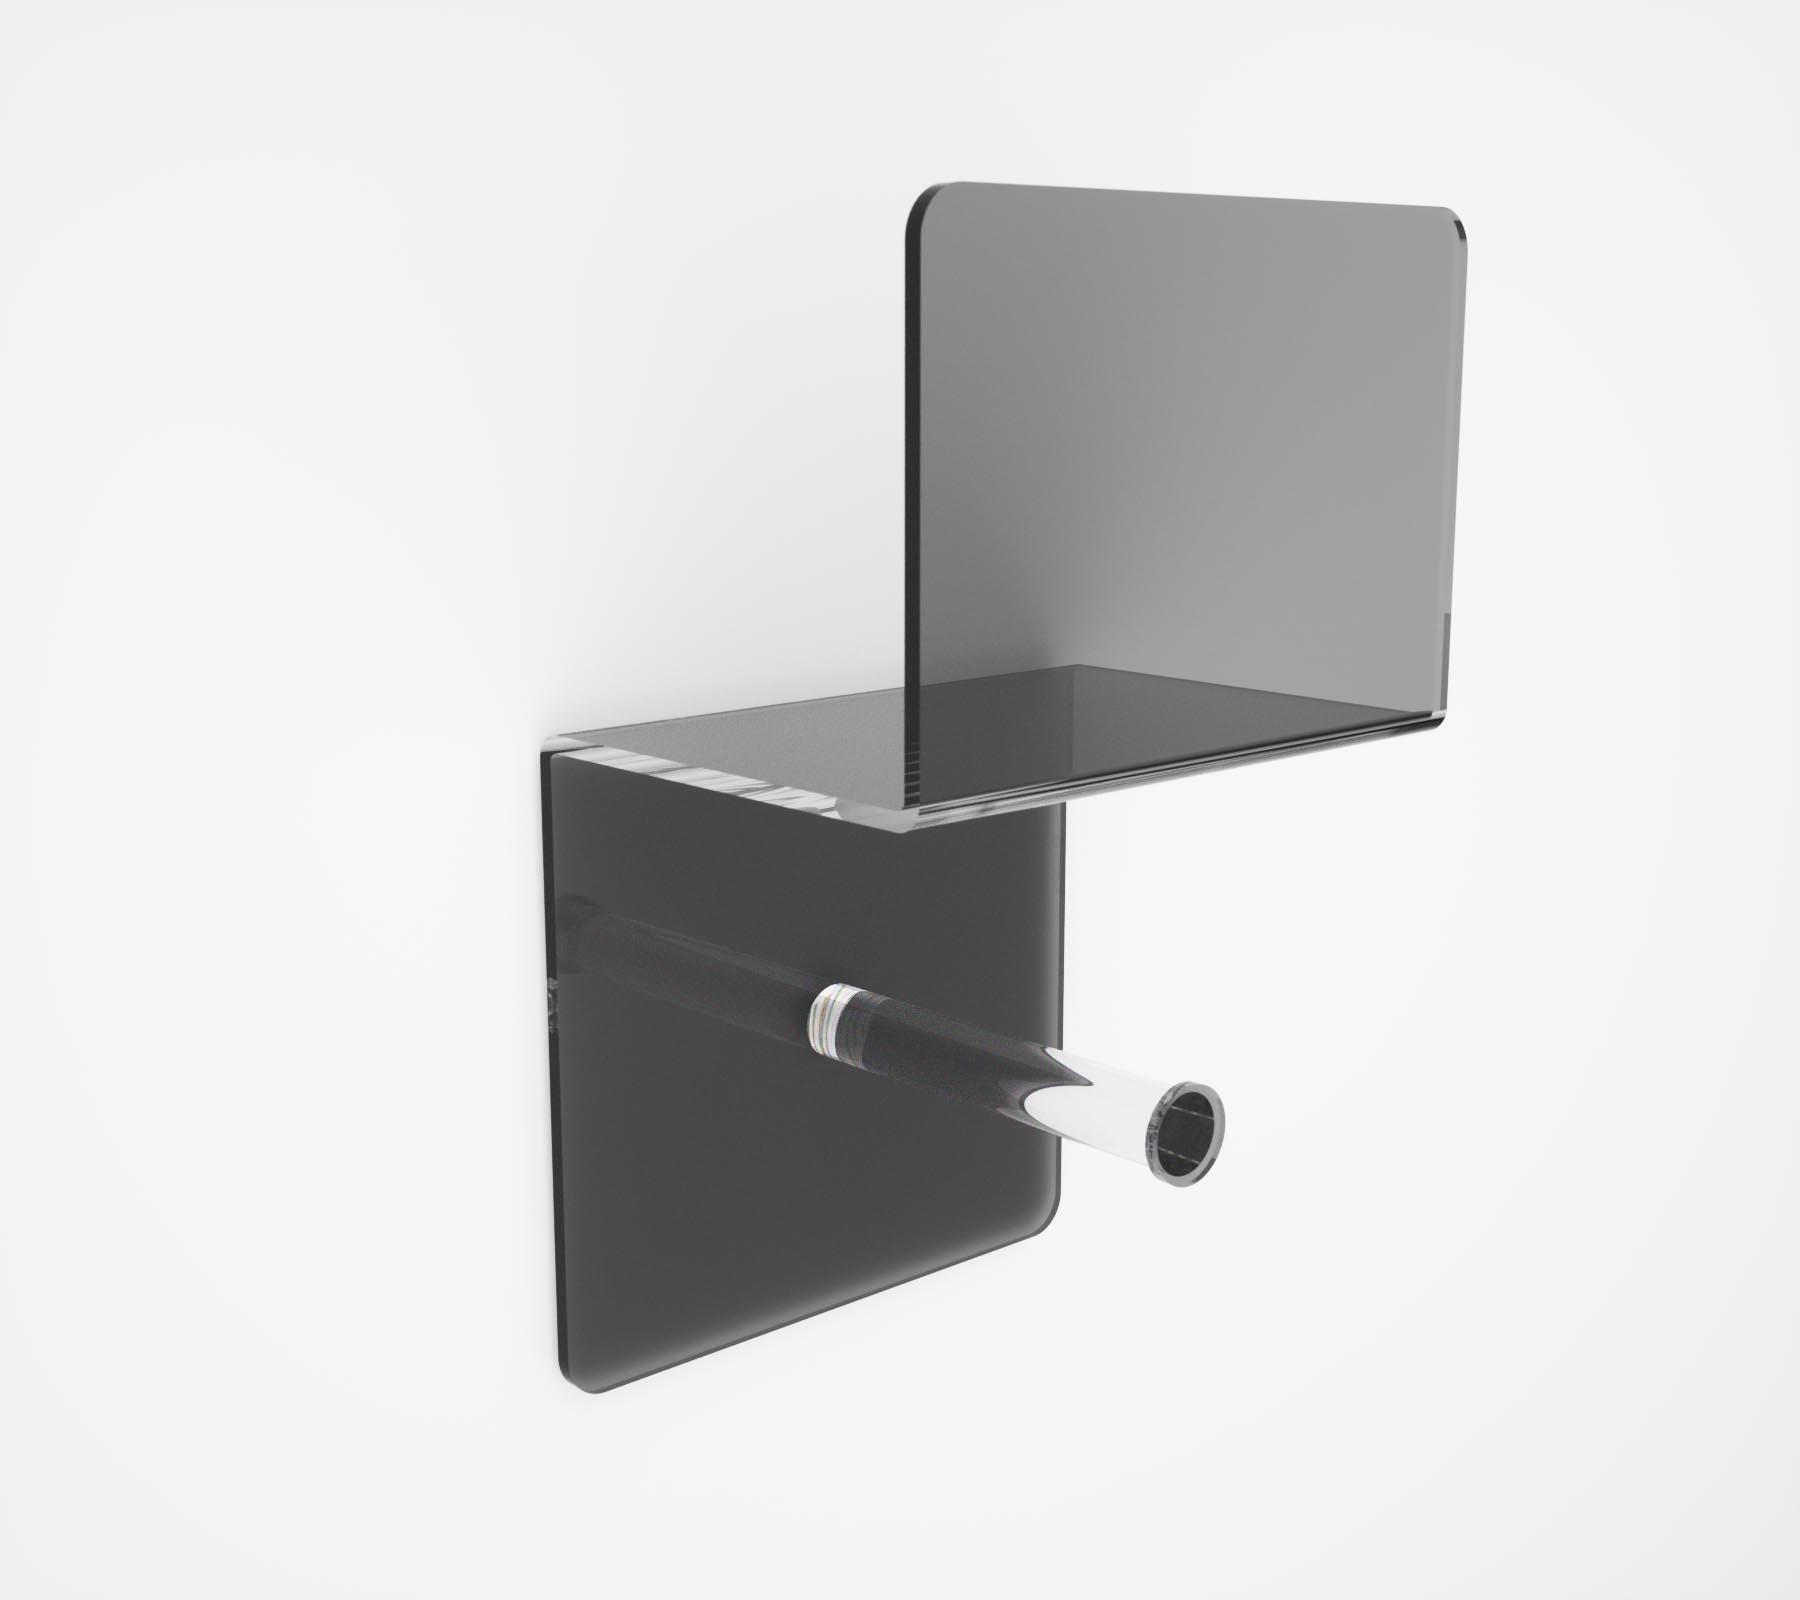 Portarotolo in plexiglass serie folio moderno ed elegante - Accessori bagno plexiglass ...